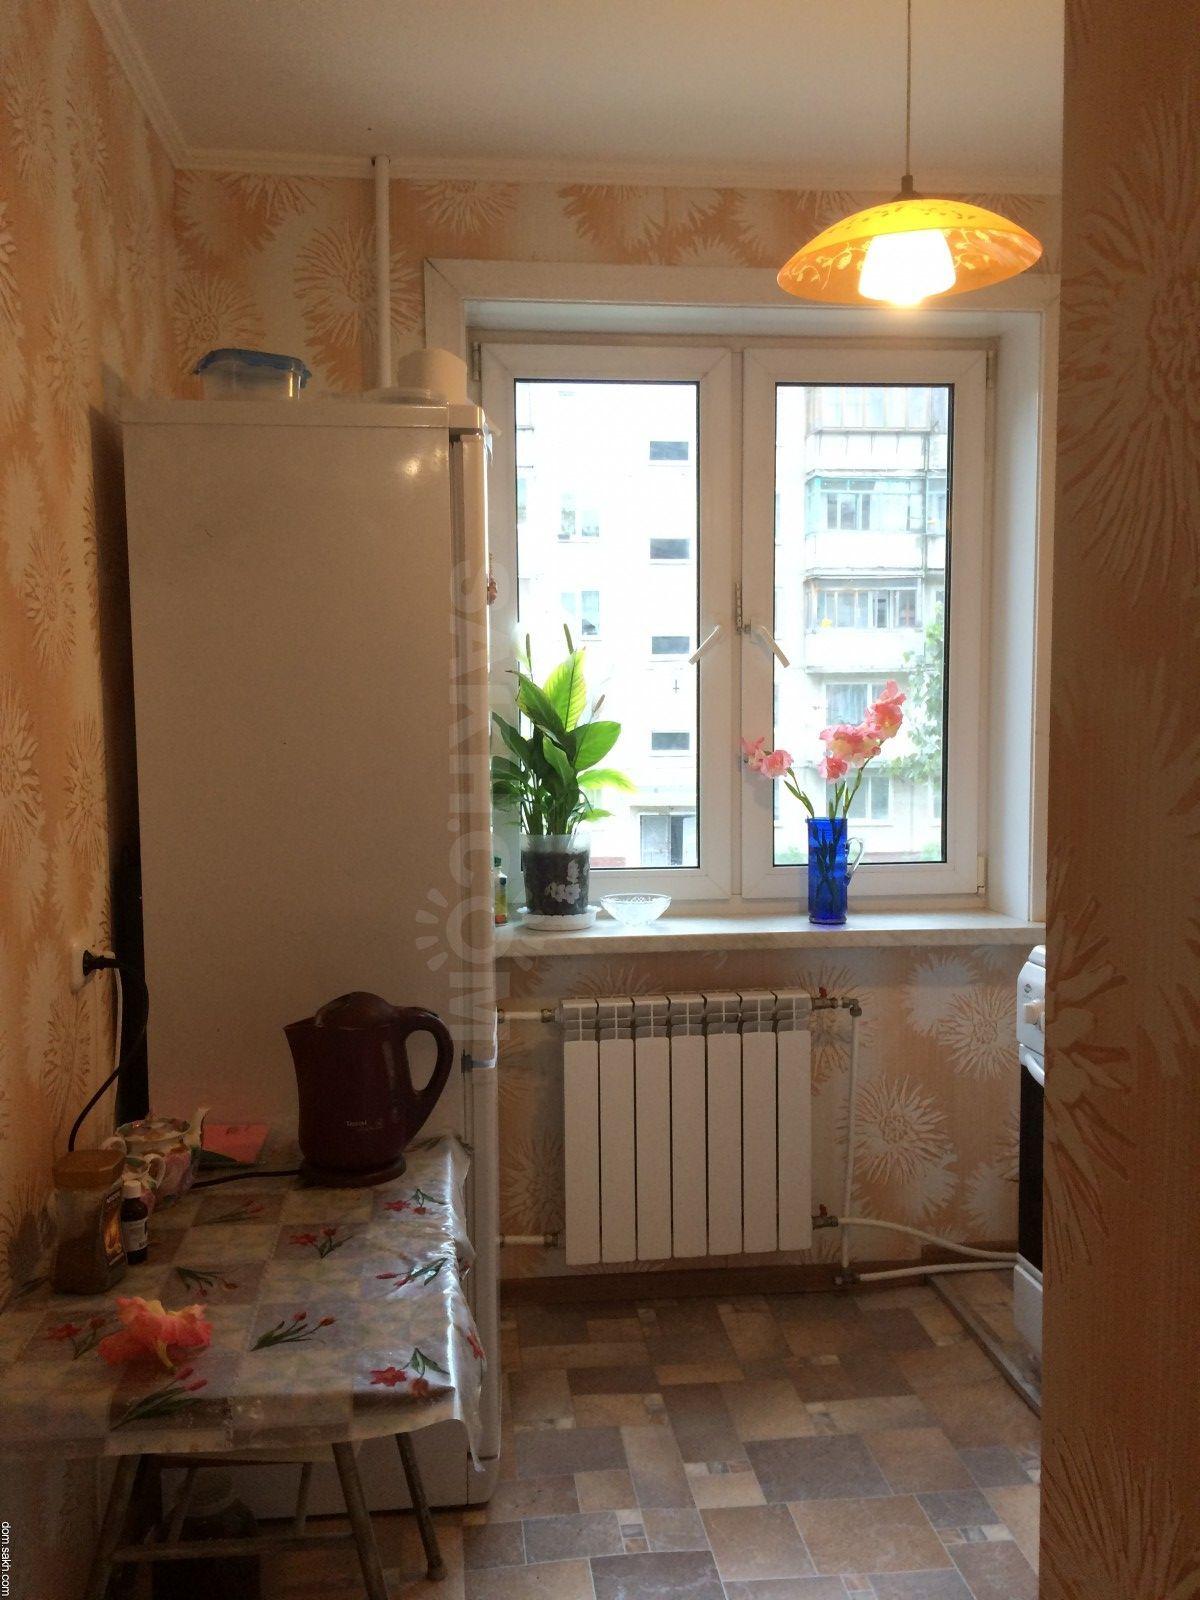 Продам двухкомнатную квартиру, брежневка - недвижимость в но.